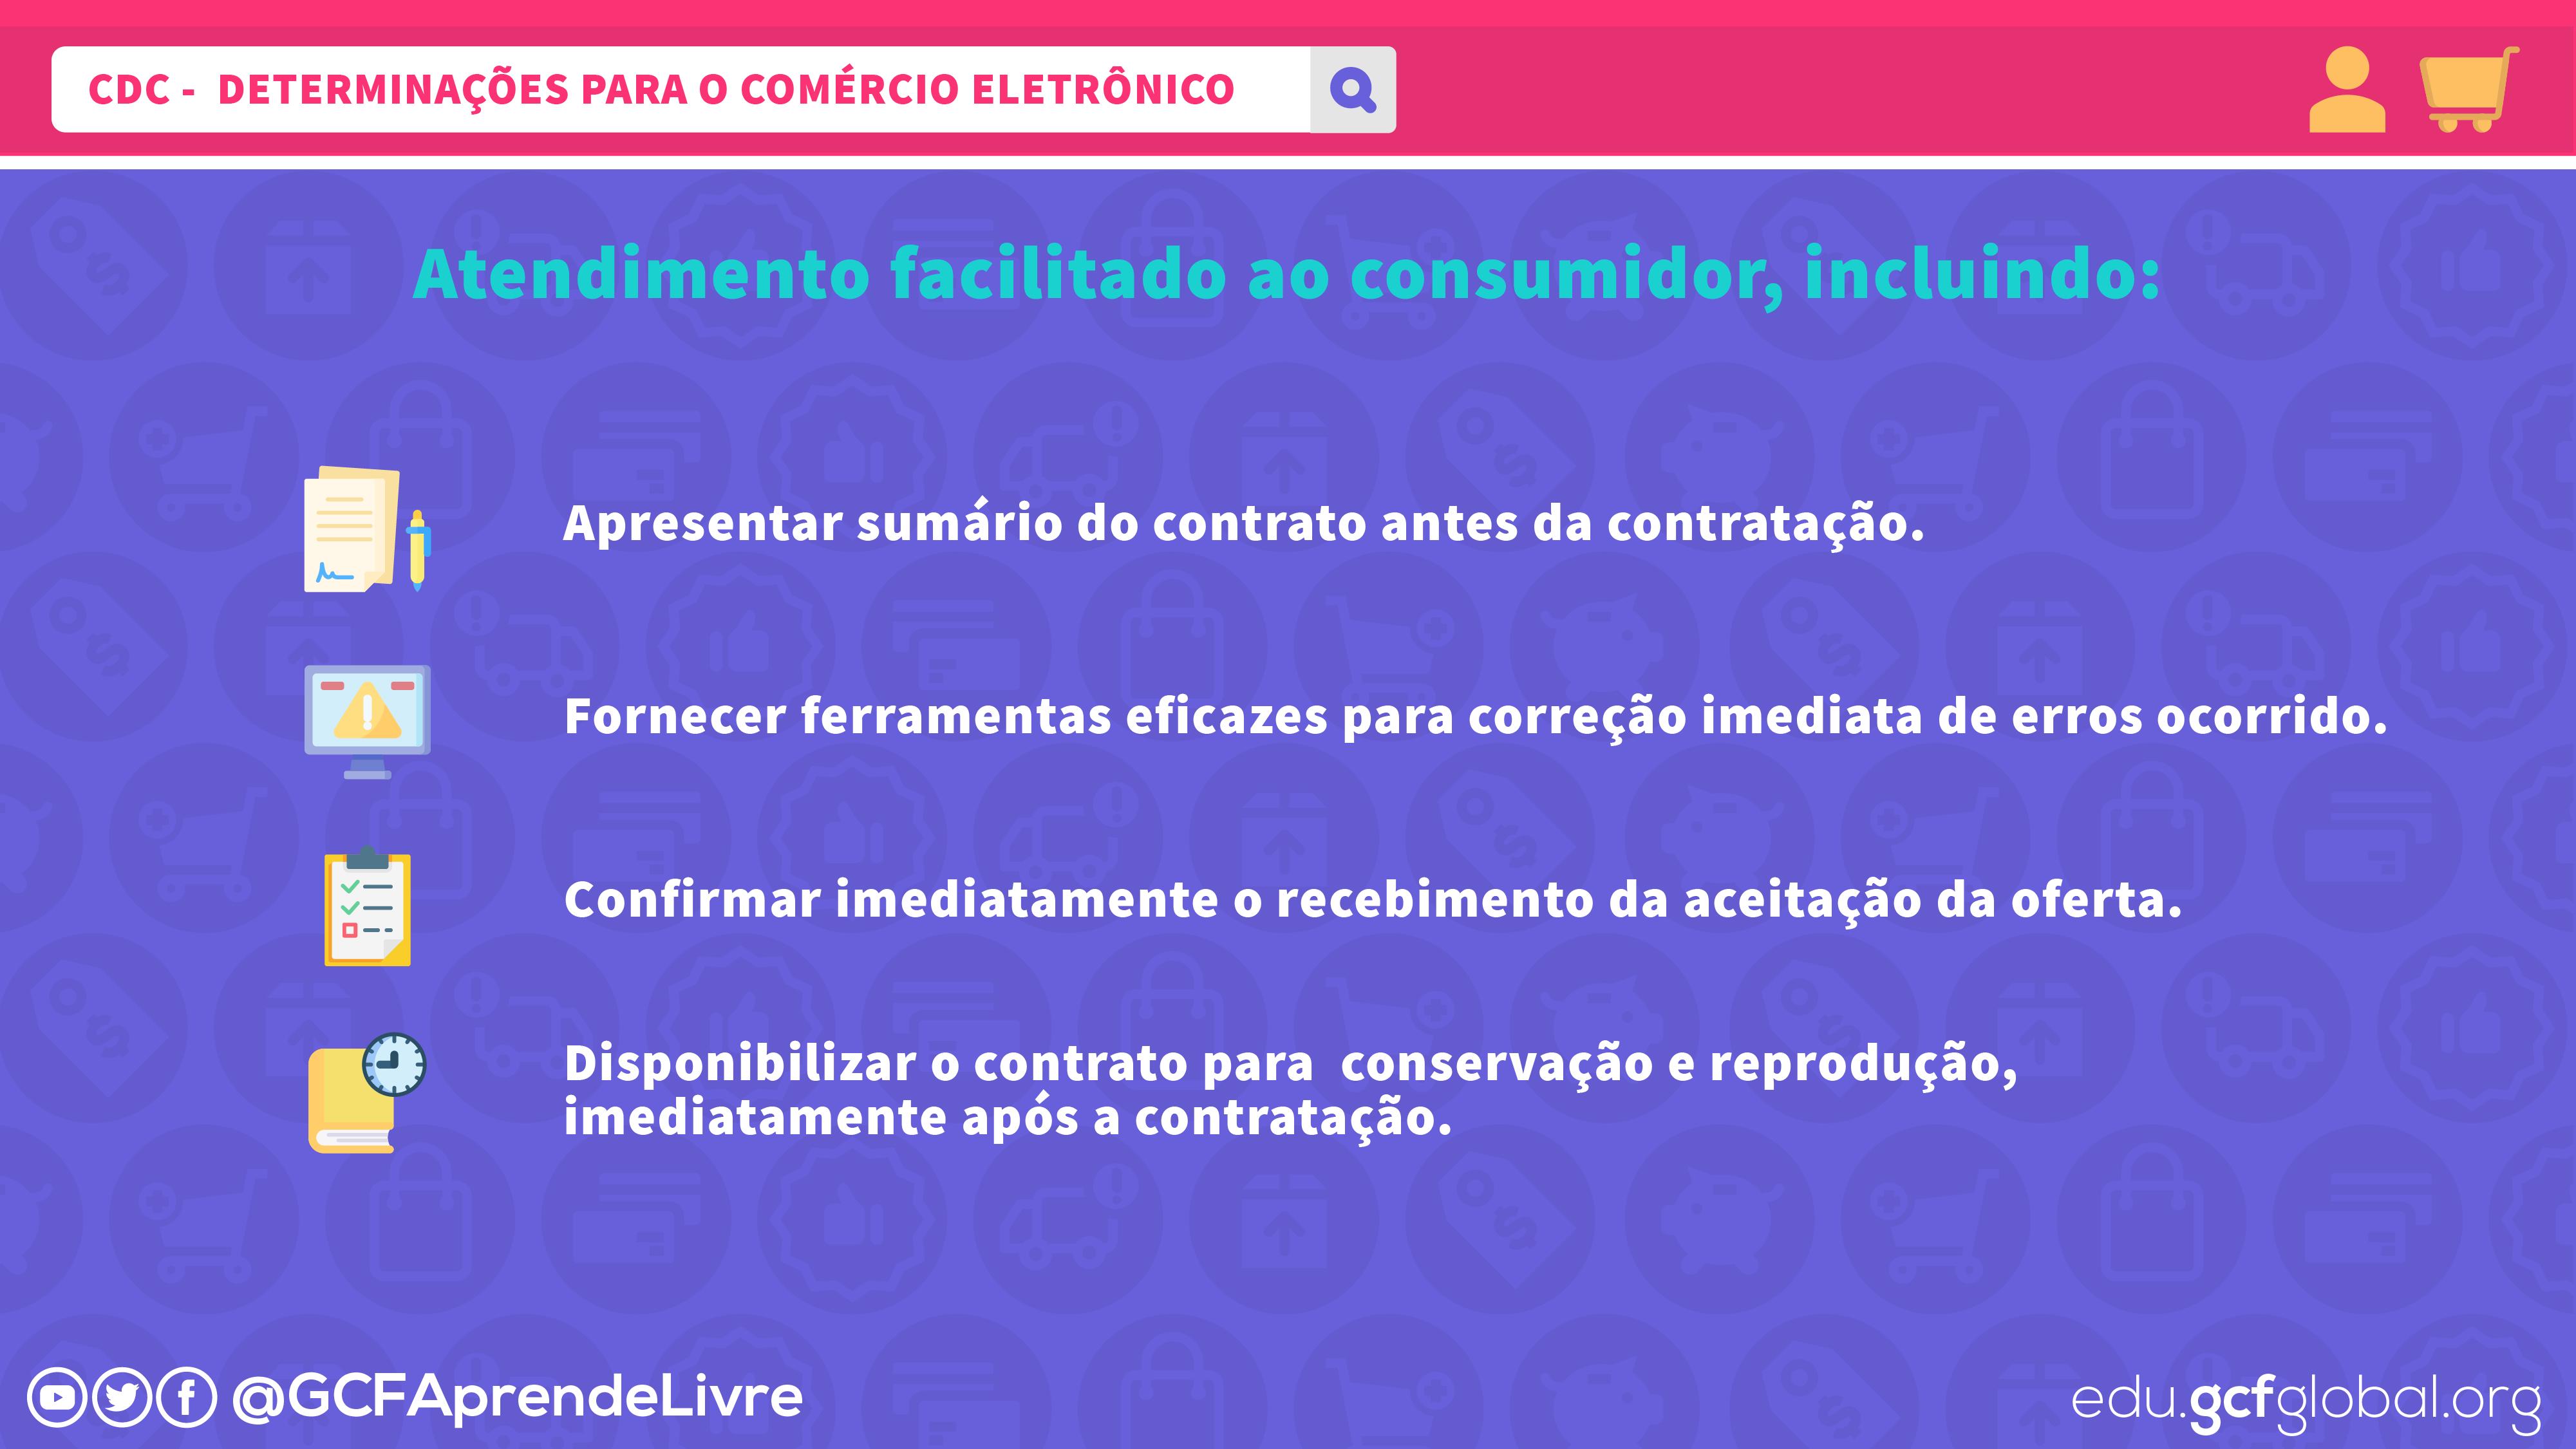 imagem 4 - determinações do CDC para atendimento ao consumidor do comércio eletrônico - parte 1